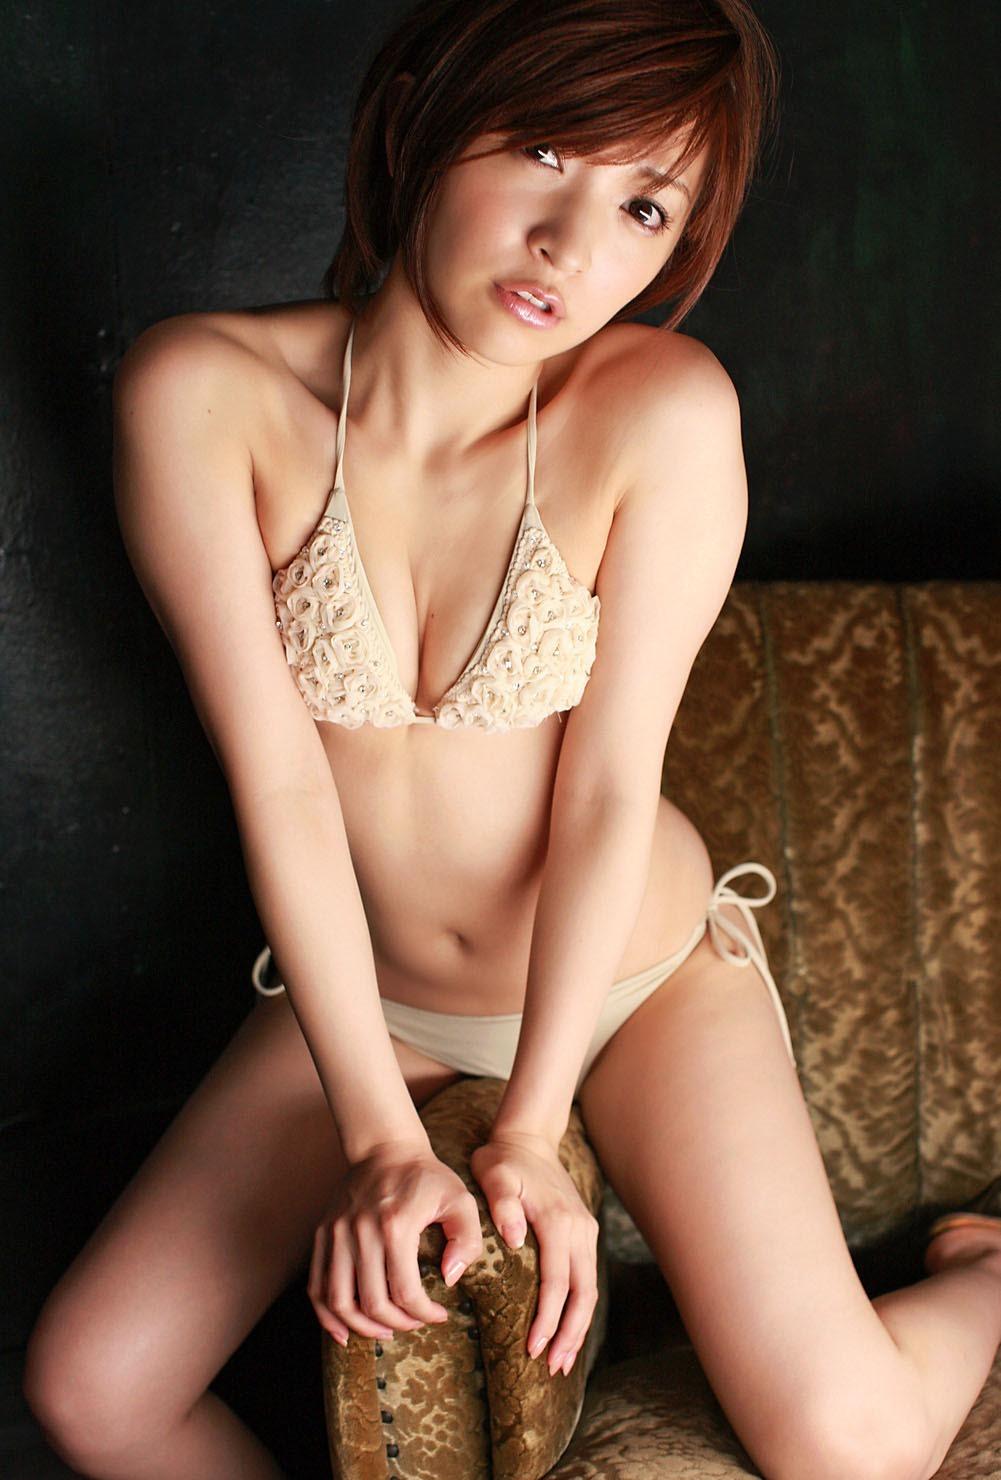 田中涼子 画像 37